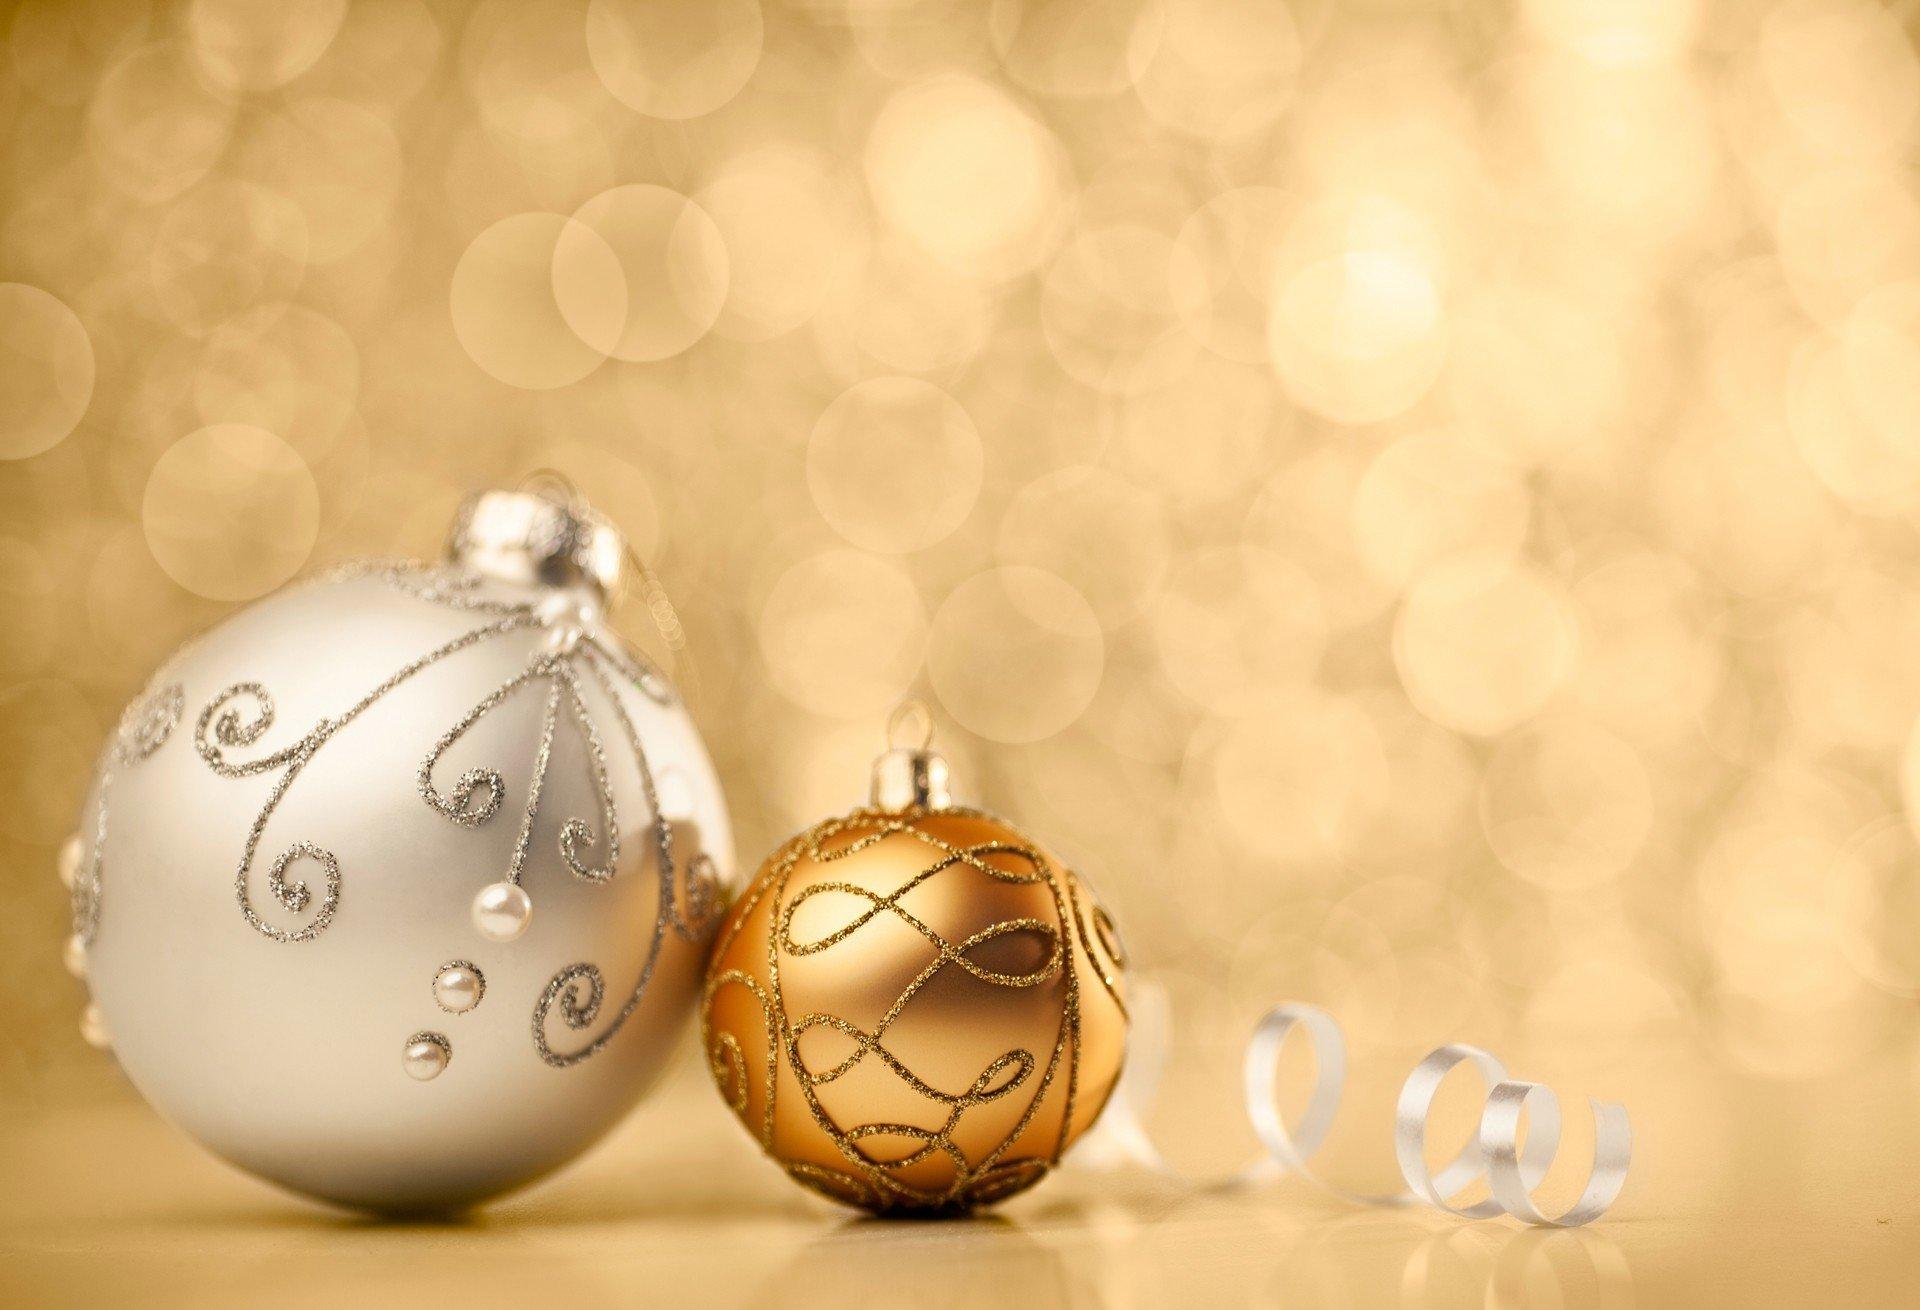 Weihnachten 2019 Nrw.Kurzurlaub Weihnachten 4 Hotel Angebote Weihnachtsreisen